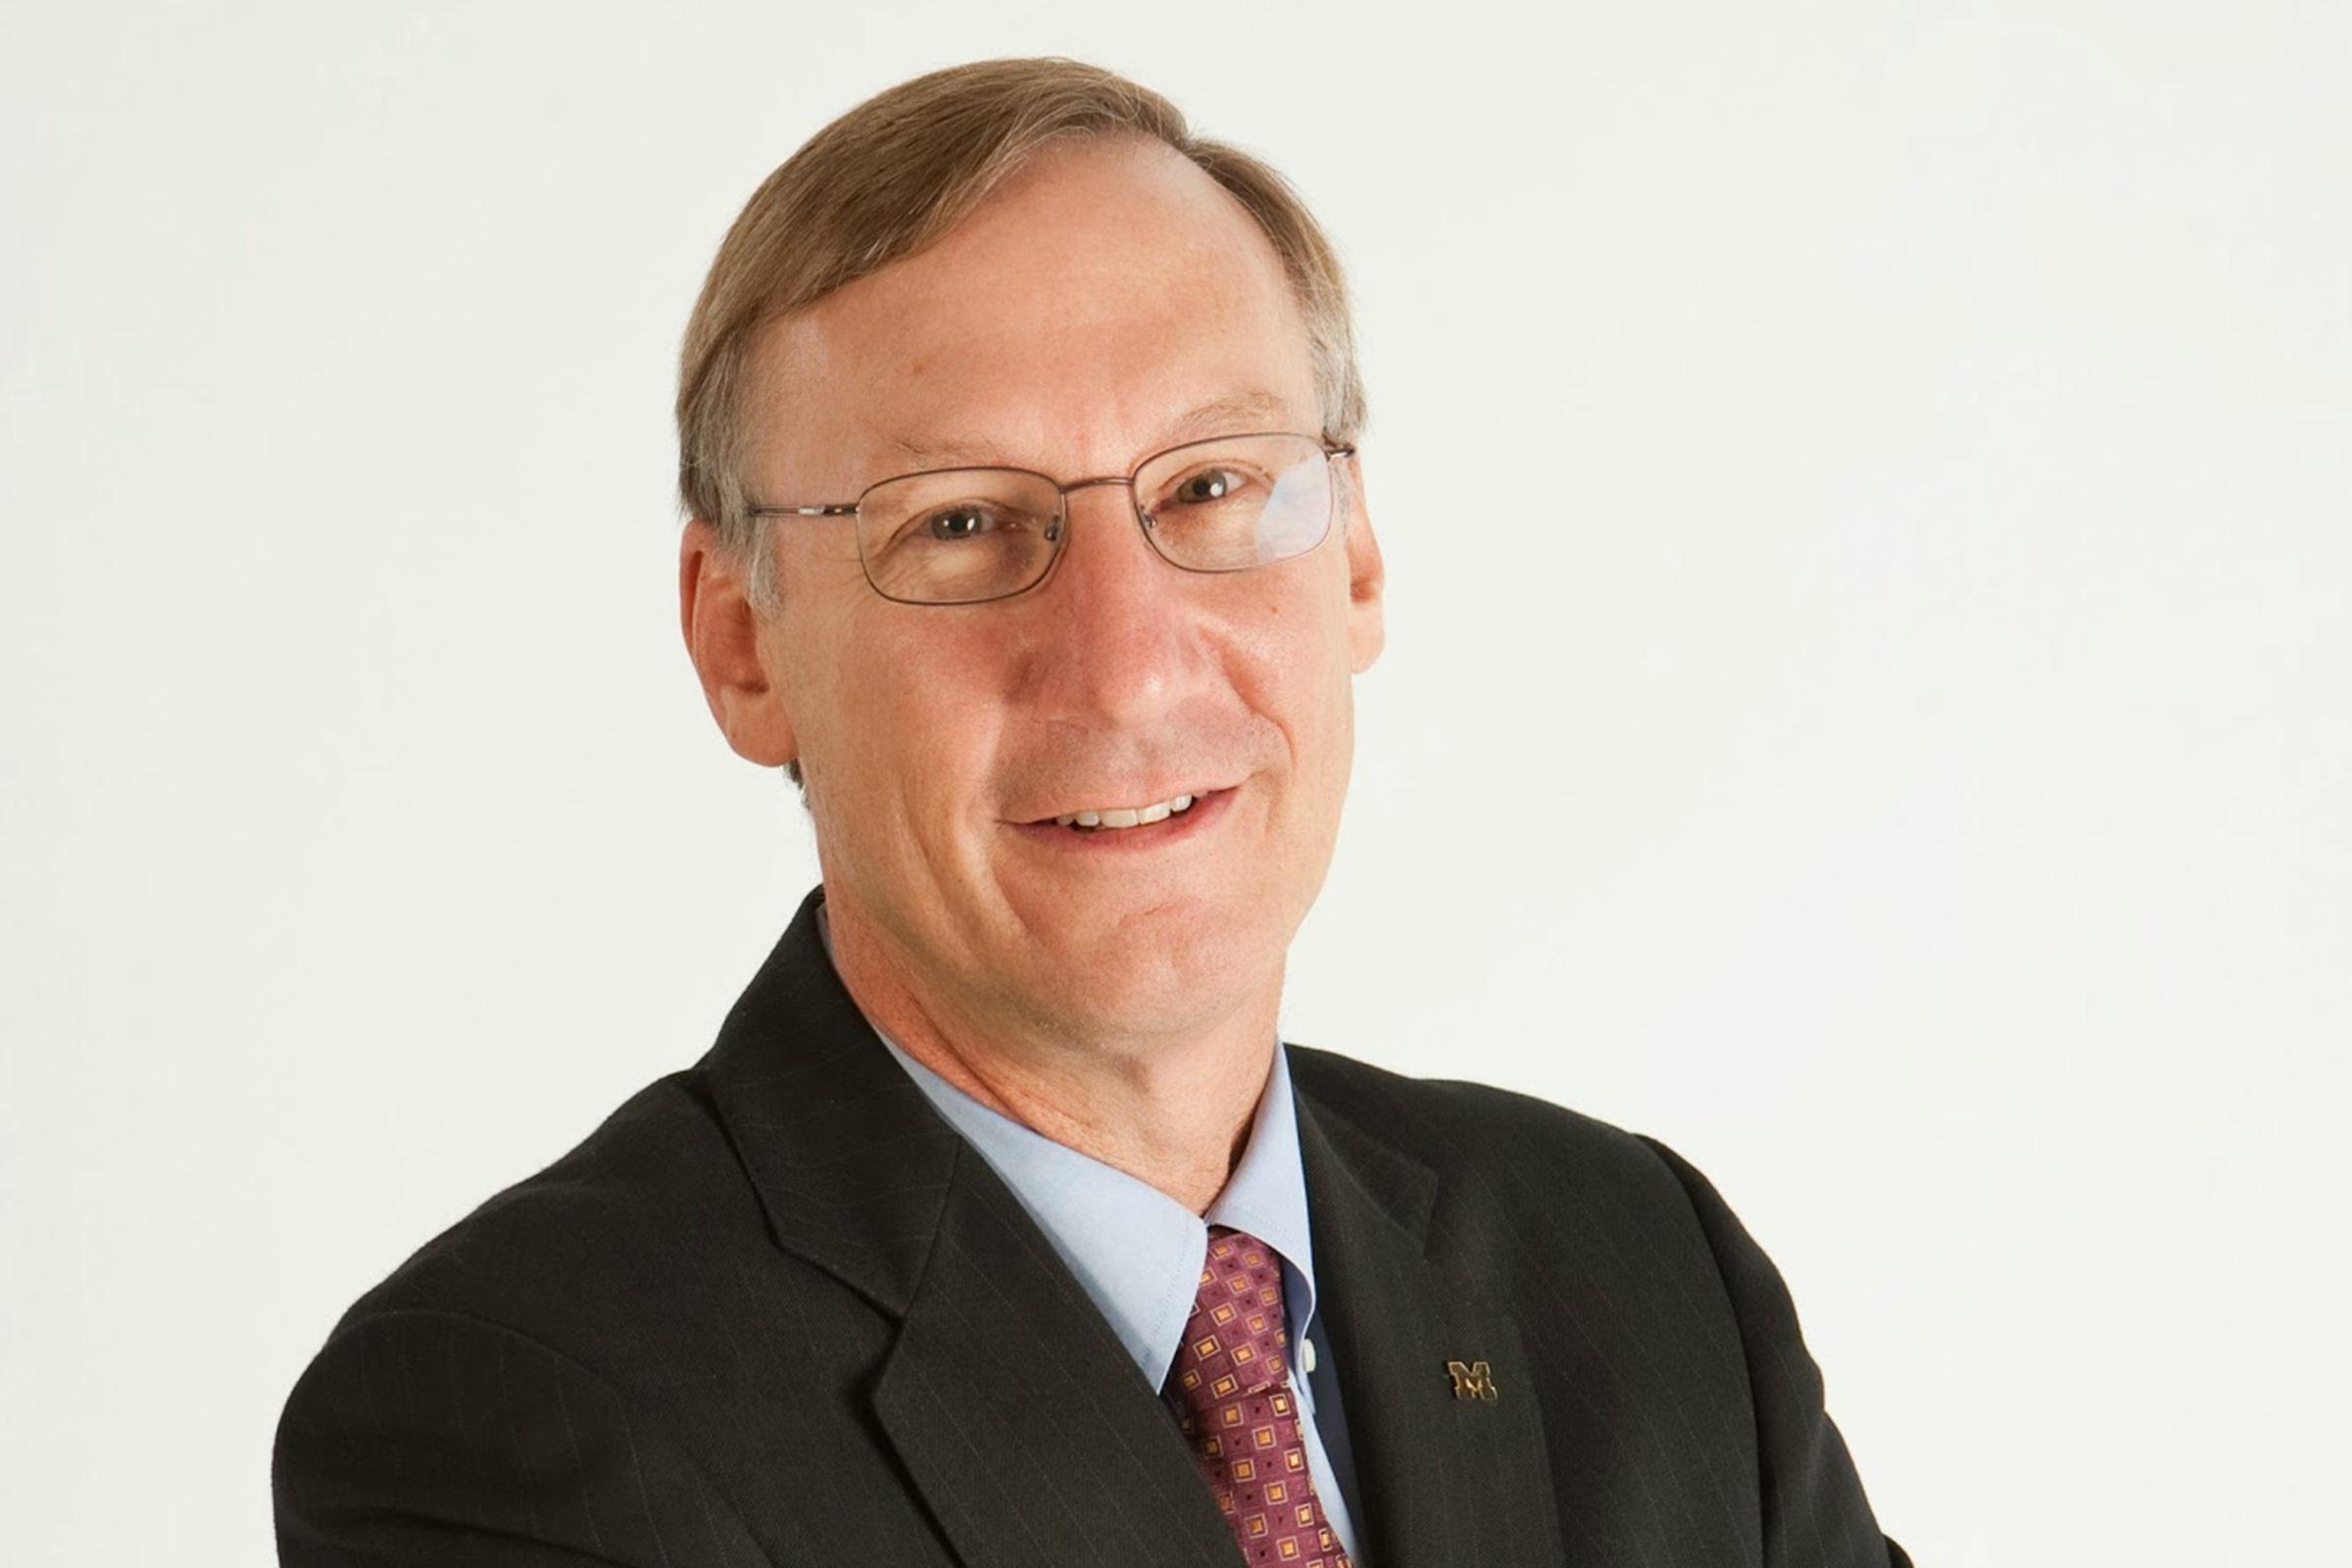 Stephen Forrest named Henry Russel Lecturer for 2020